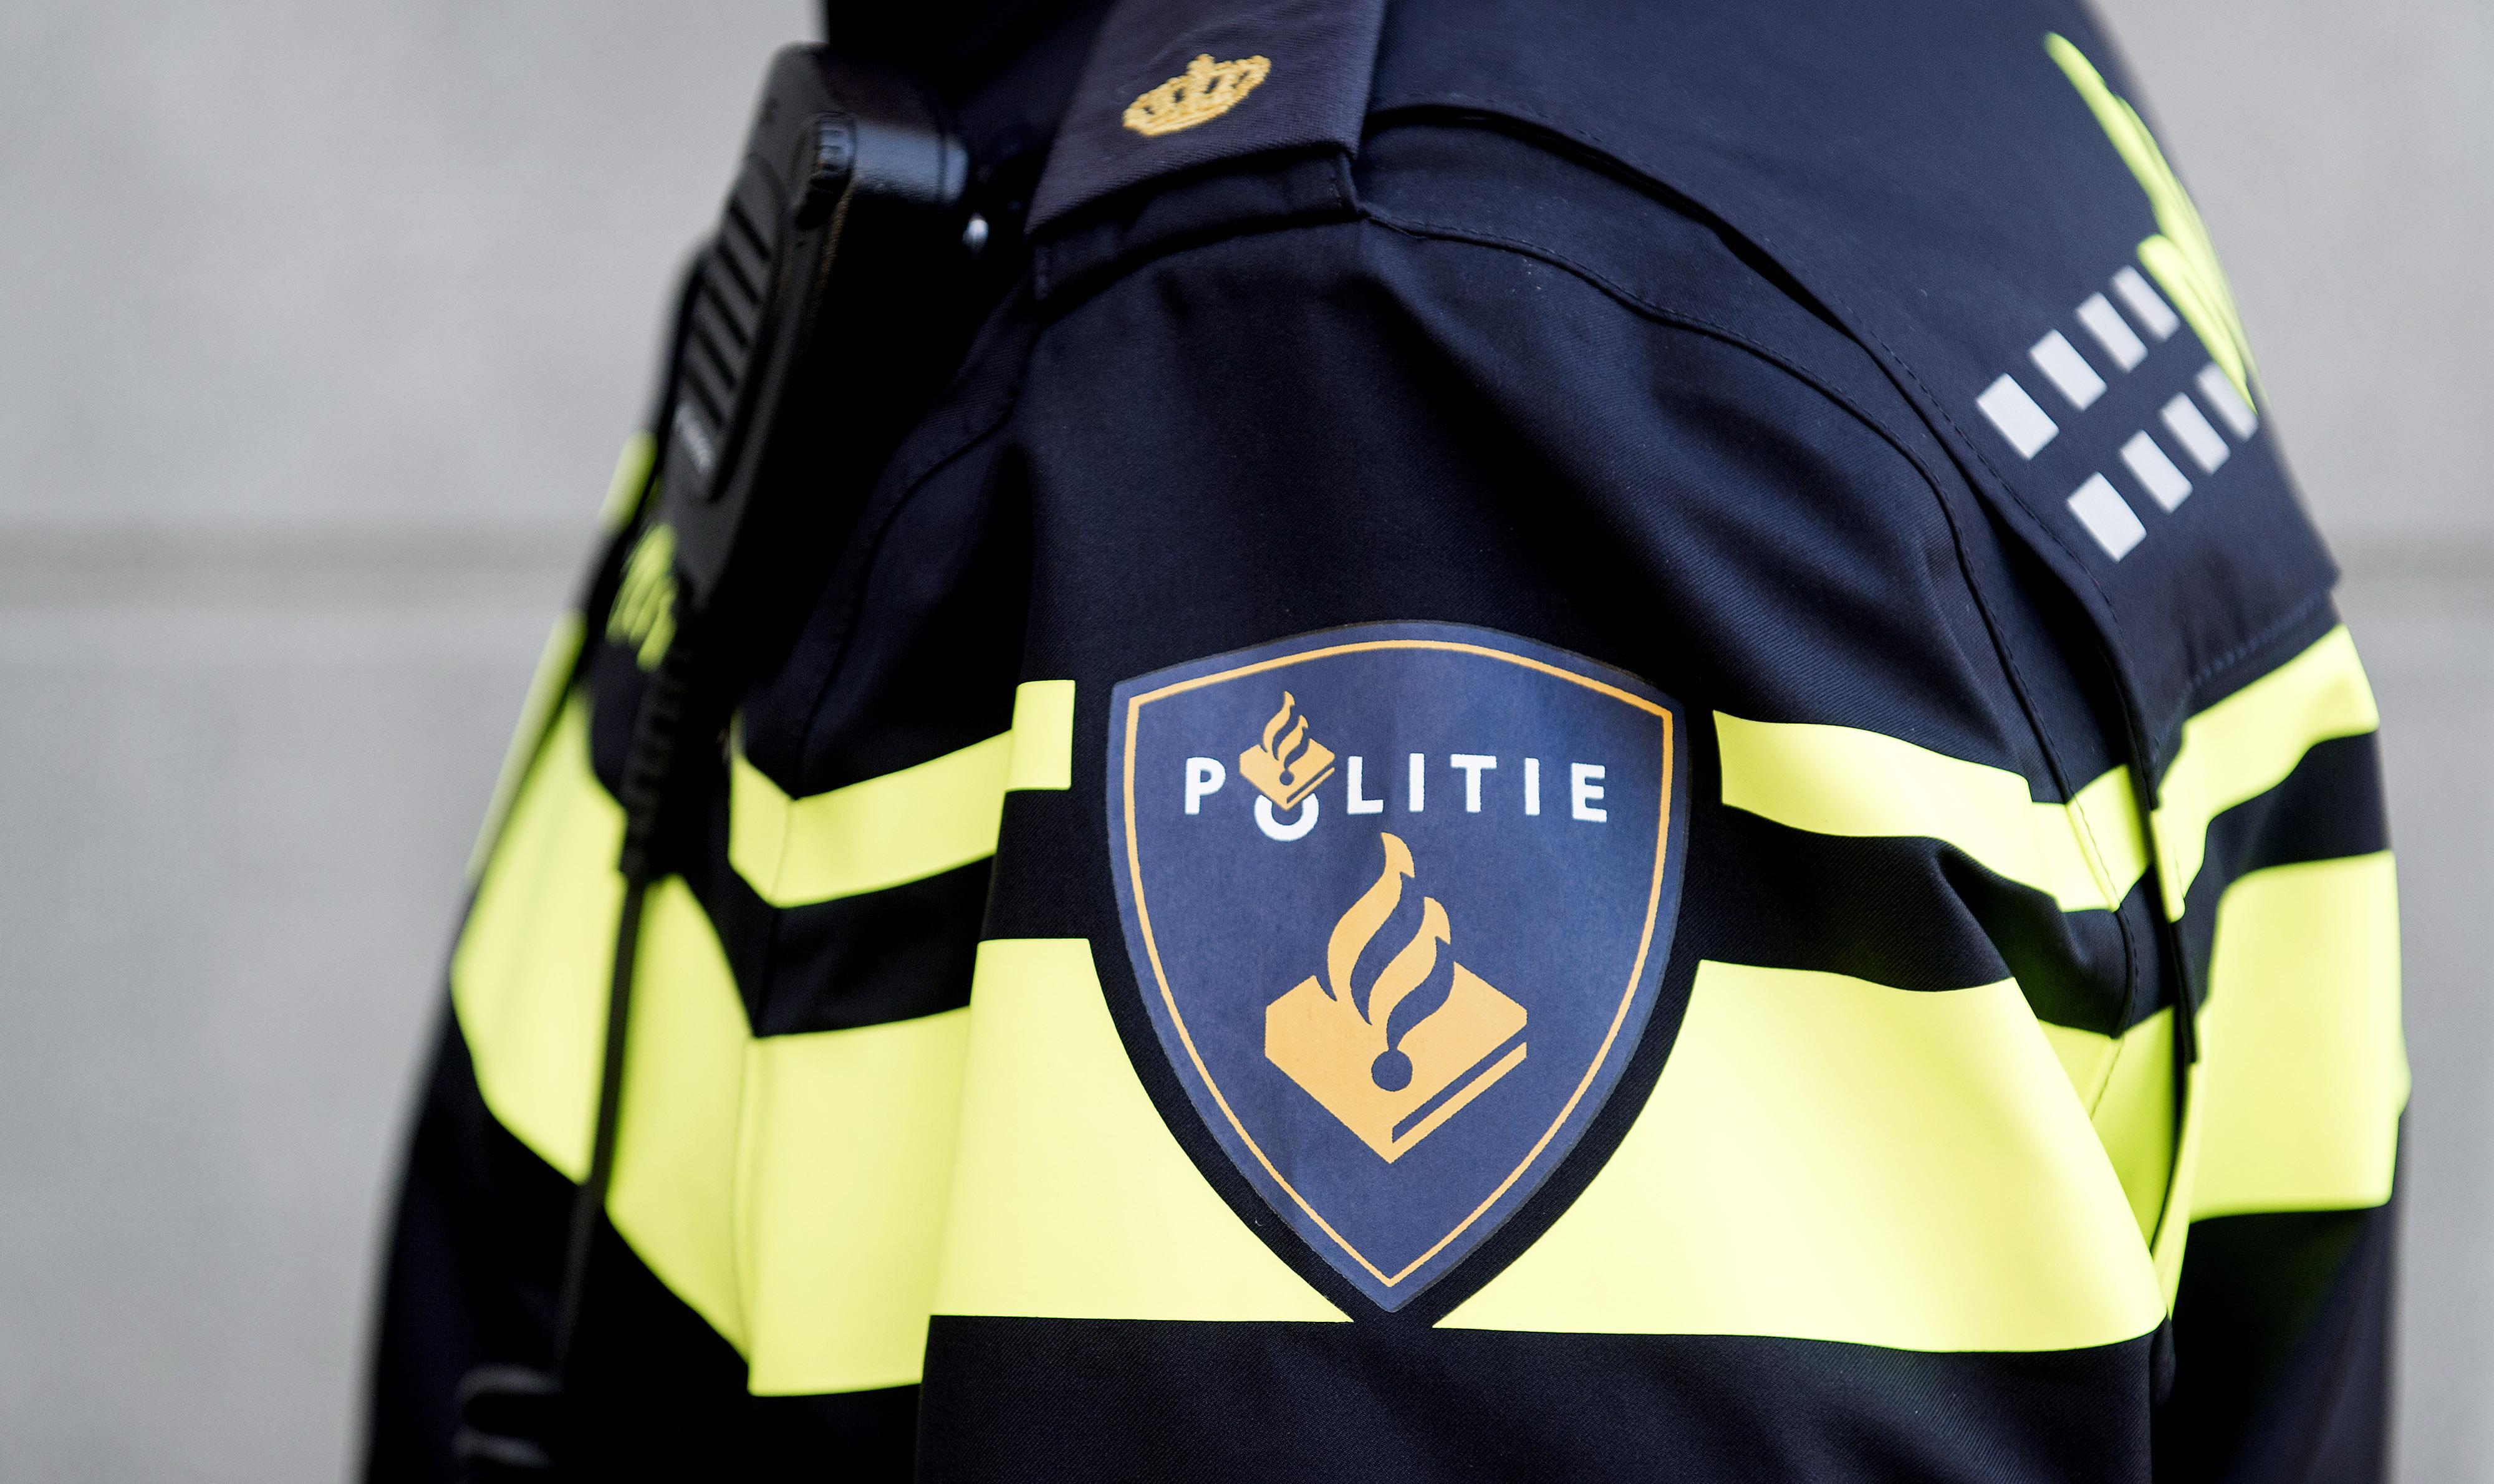 Vier vrouwen aangerand in Alkmaar; dader nog niet gevonden